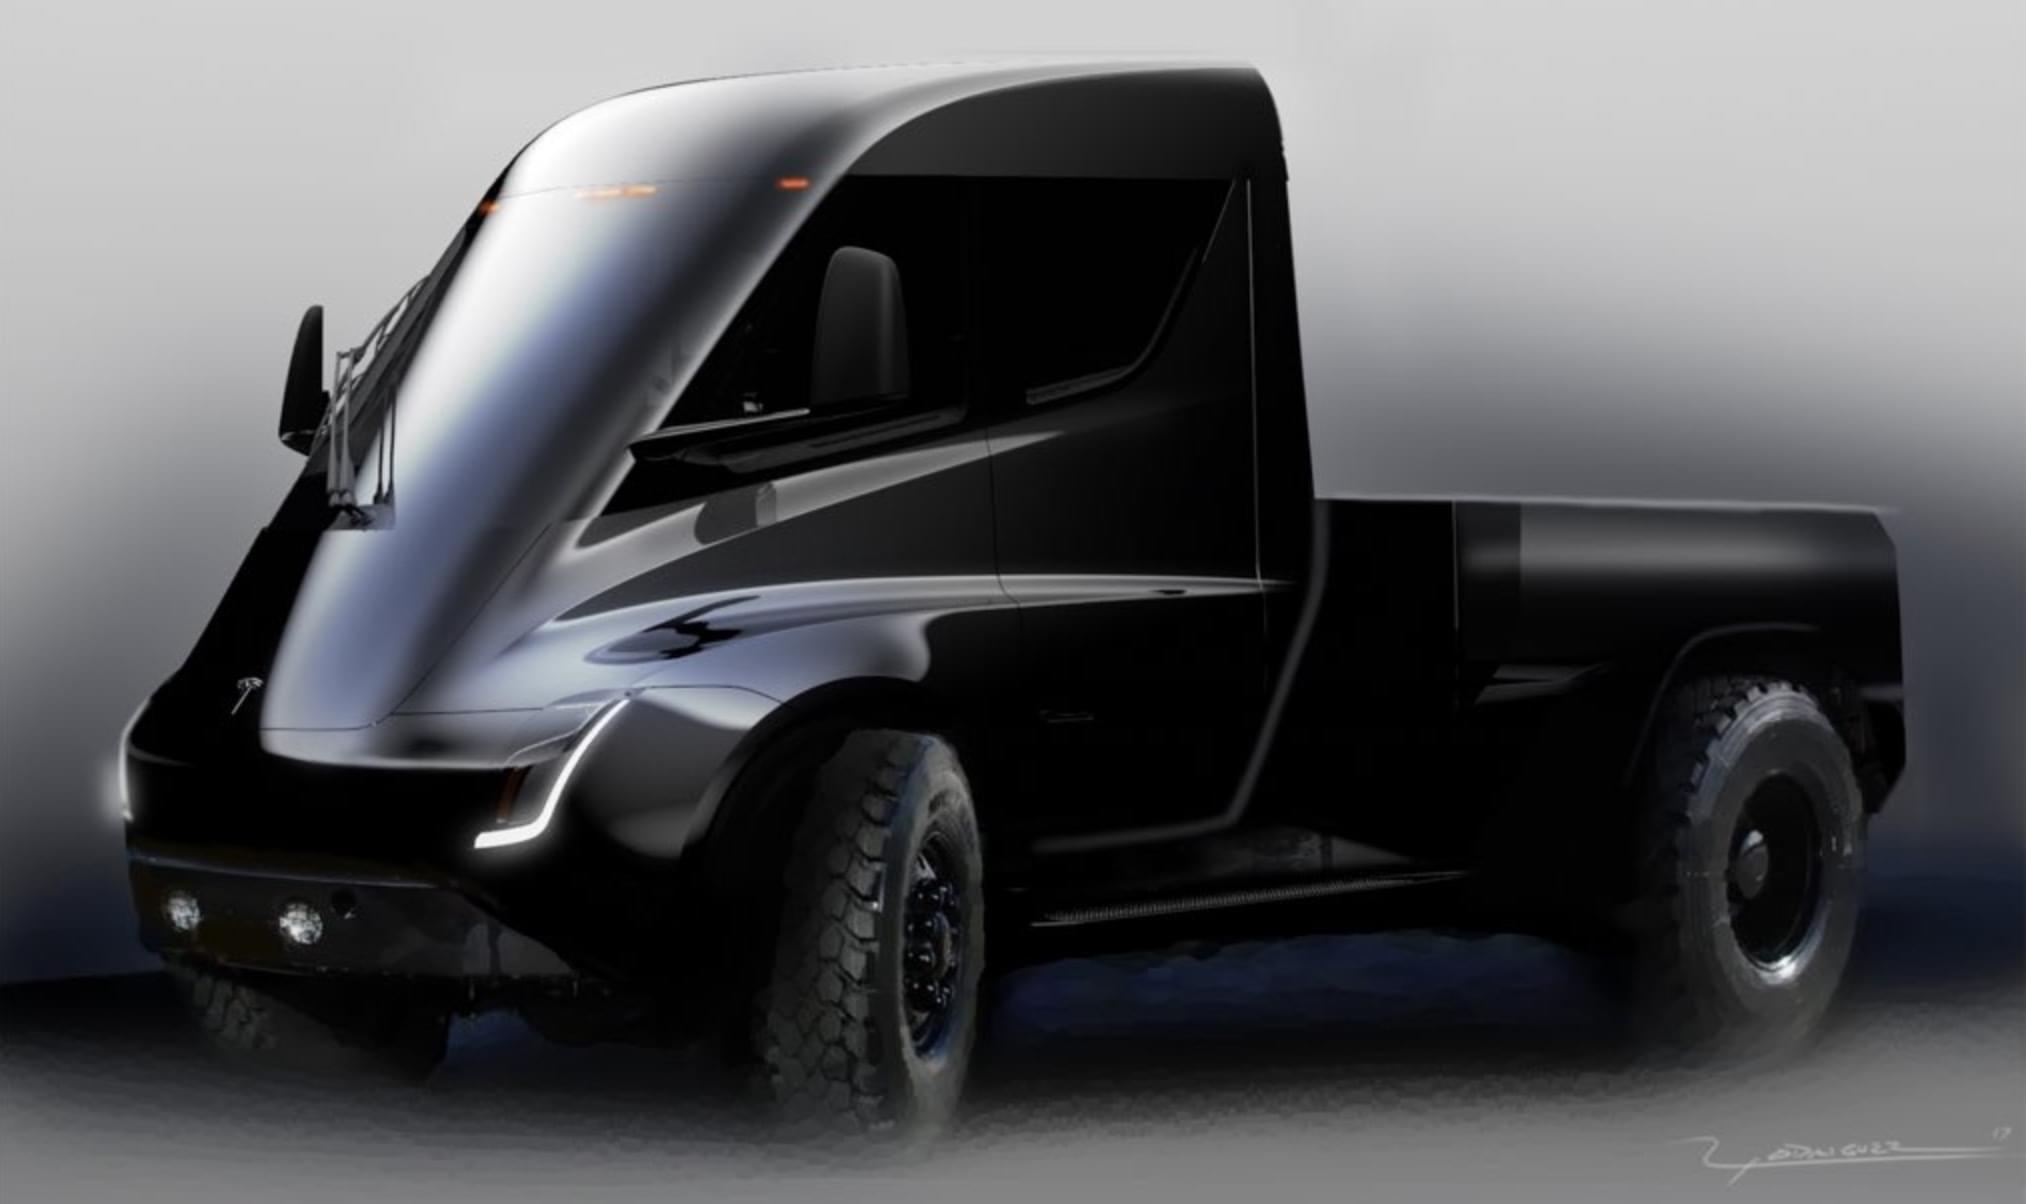 中型SUV/皮卡将亮相 特斯拉产品计划曝光